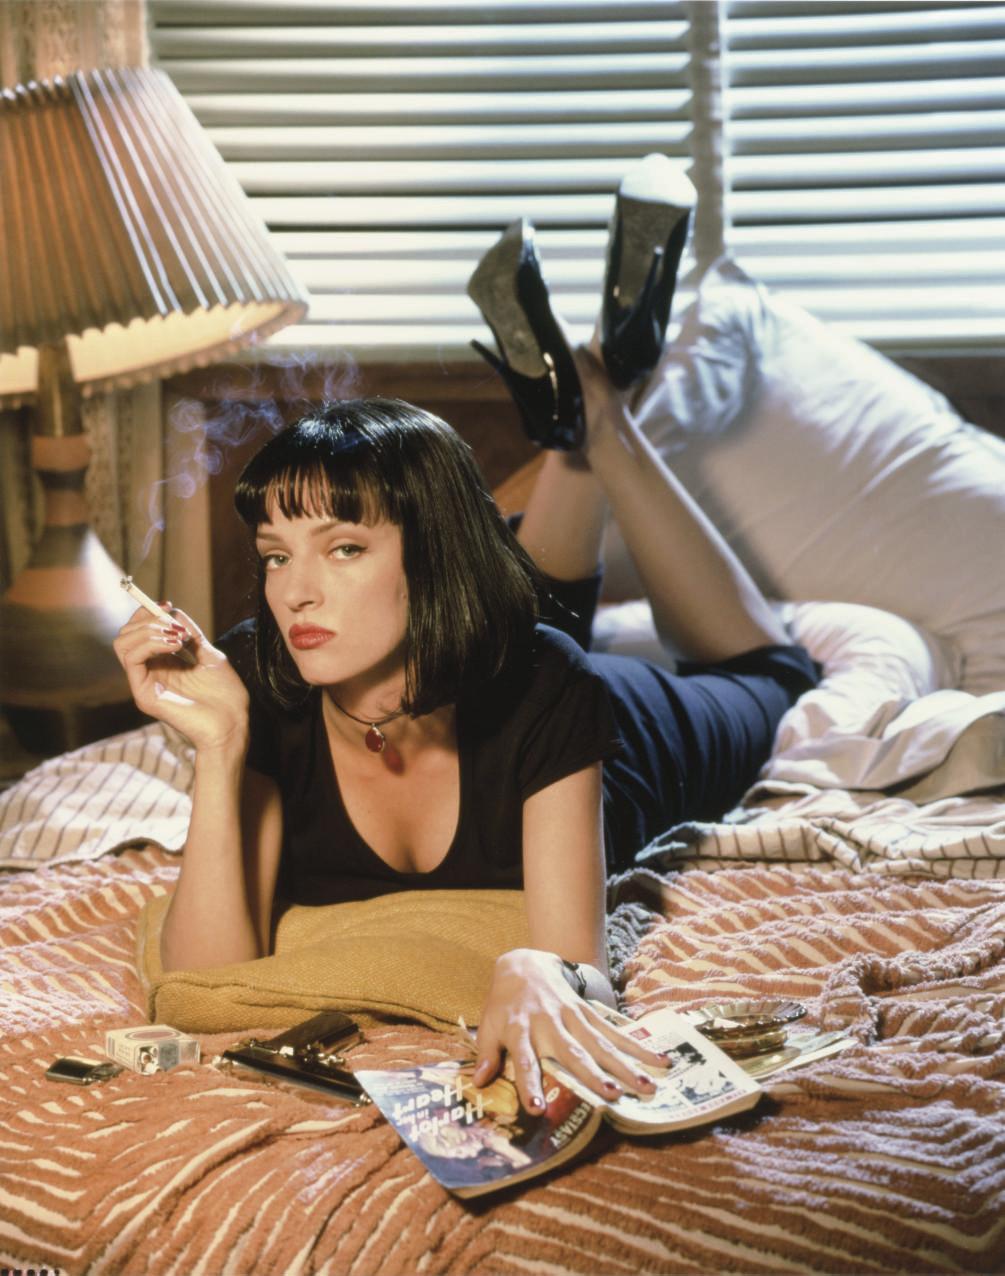 Uma/Pulp Fiction, 1994